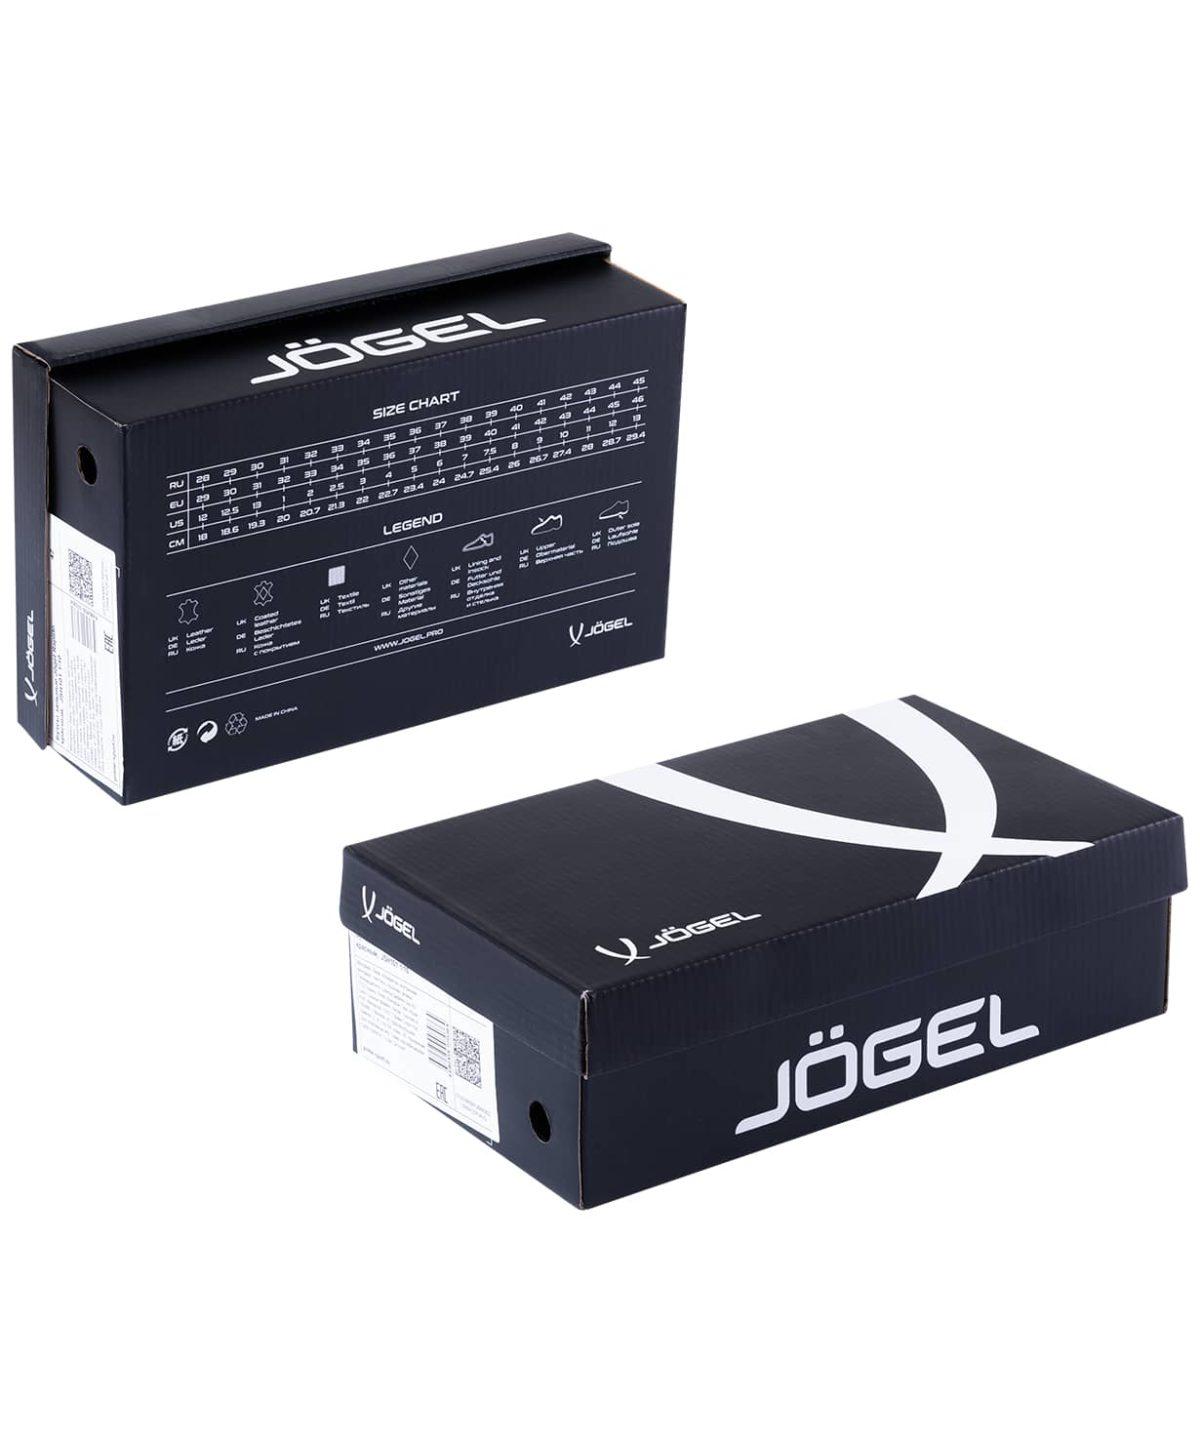 JOGEL Бутсы зальные Rapido р.39-40  JSH101Y: синий - 4